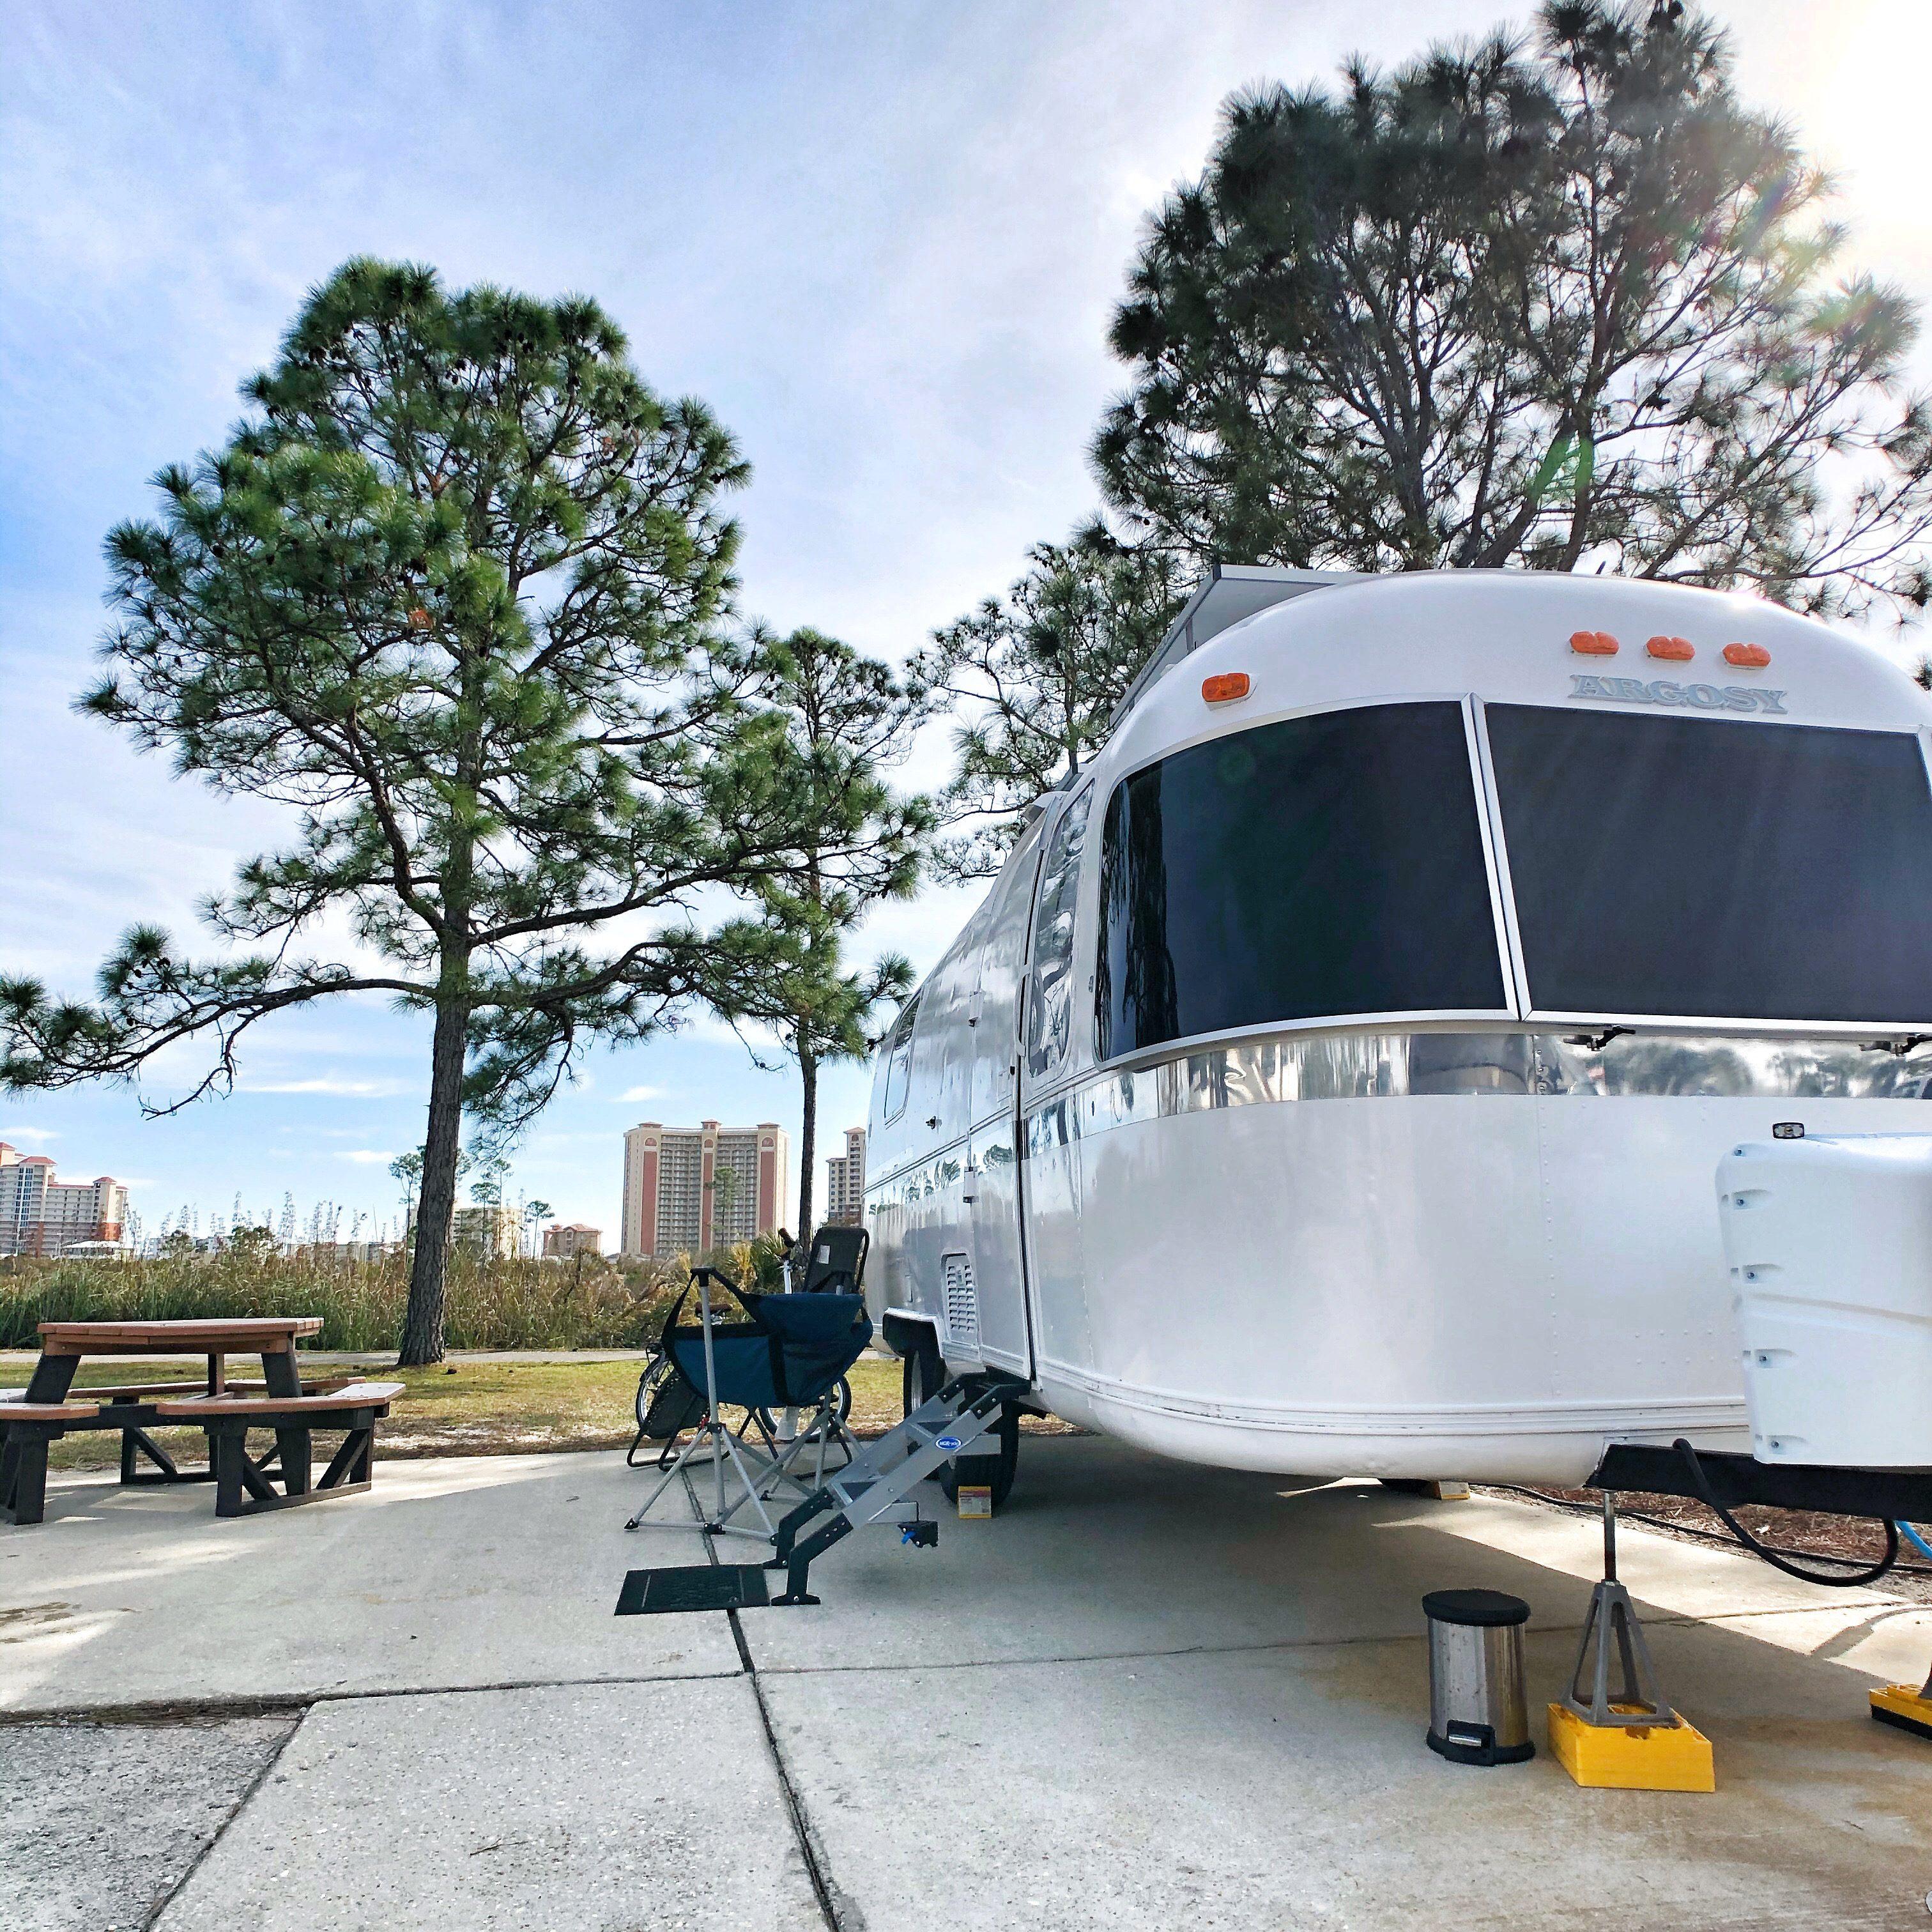 Luxury RV Resort in Gulf Shores, Alabama